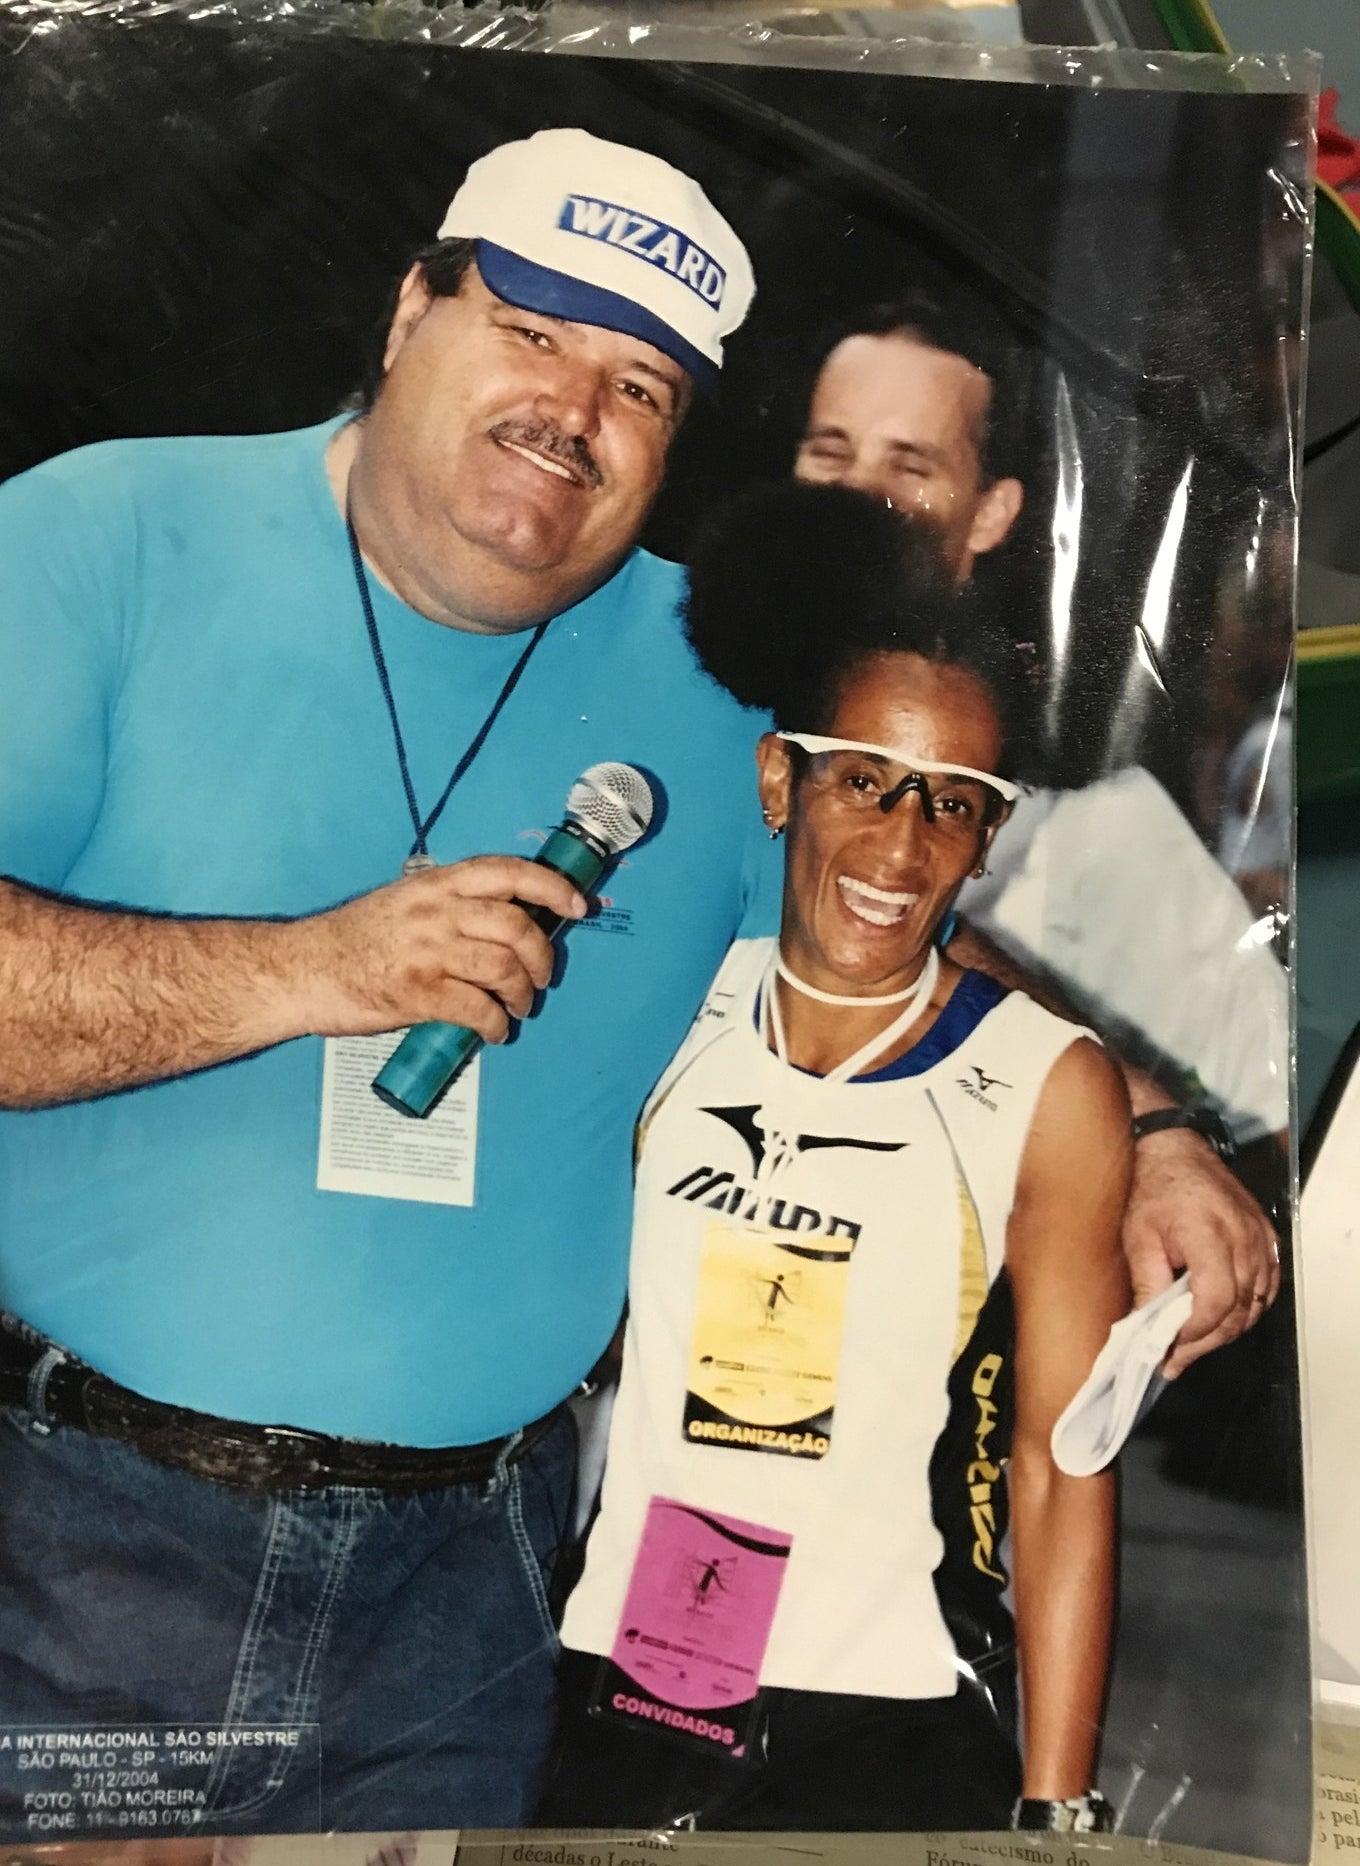 Animal com o apresentador Gilberto Barros, o Leão.